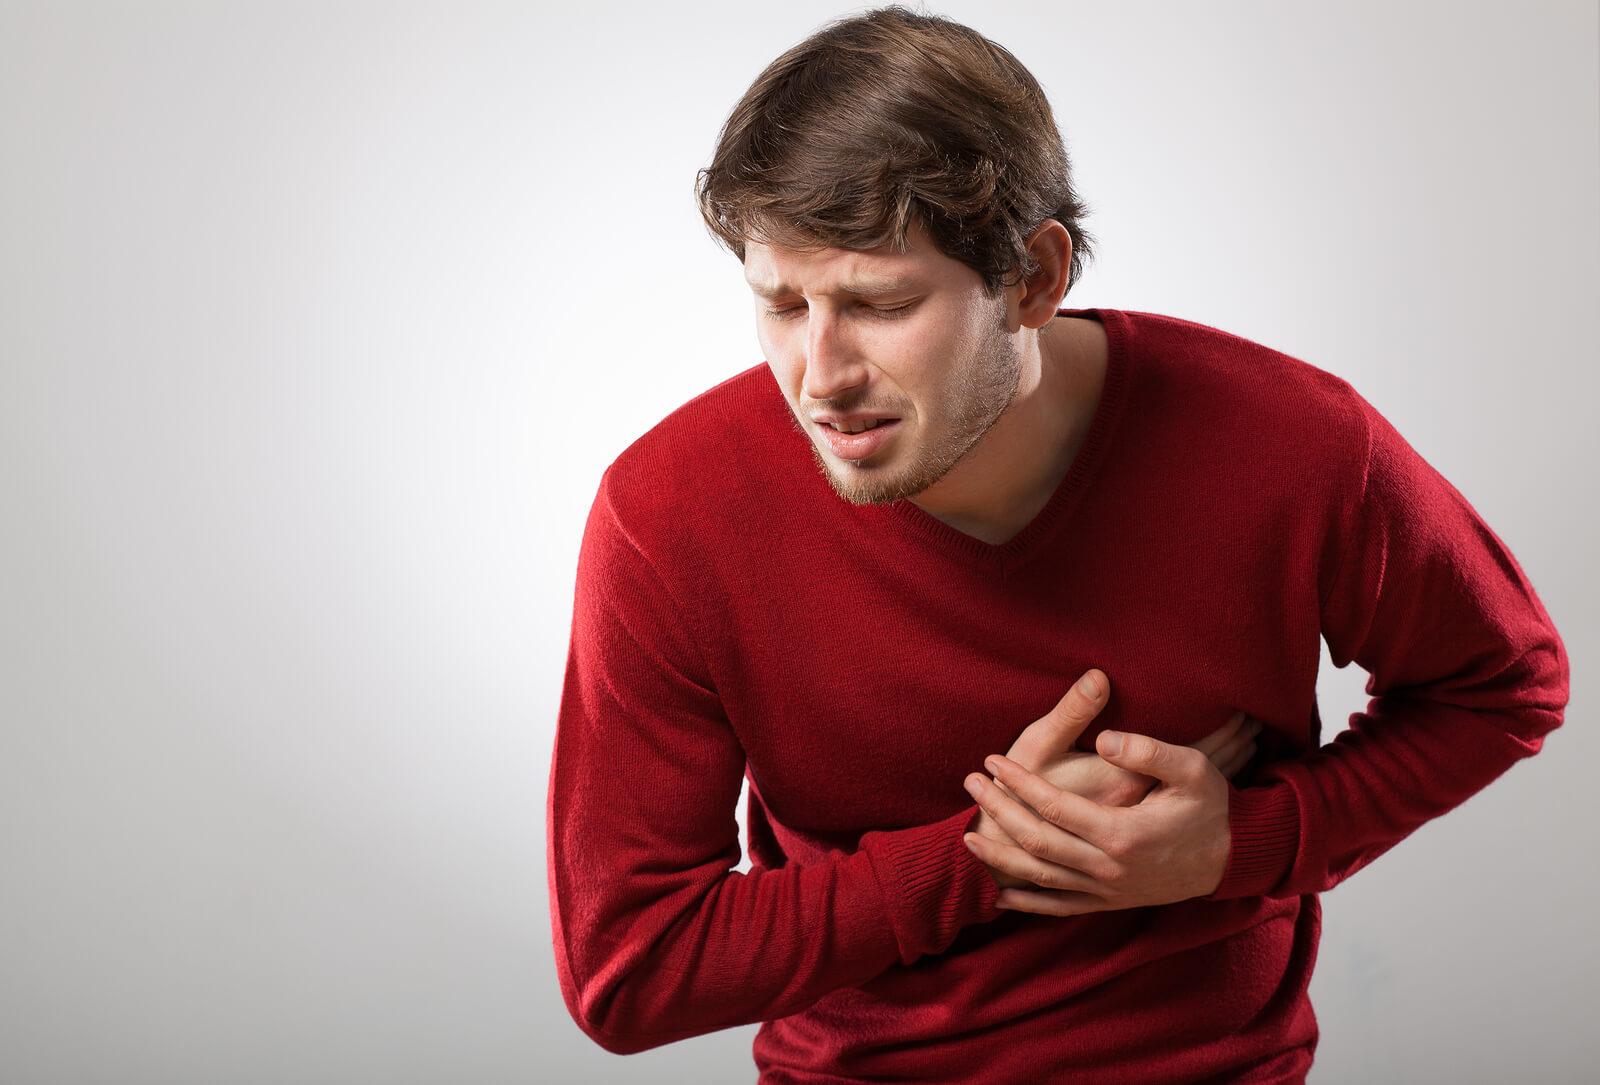 МРТ сердца: основные показания и противопоказания